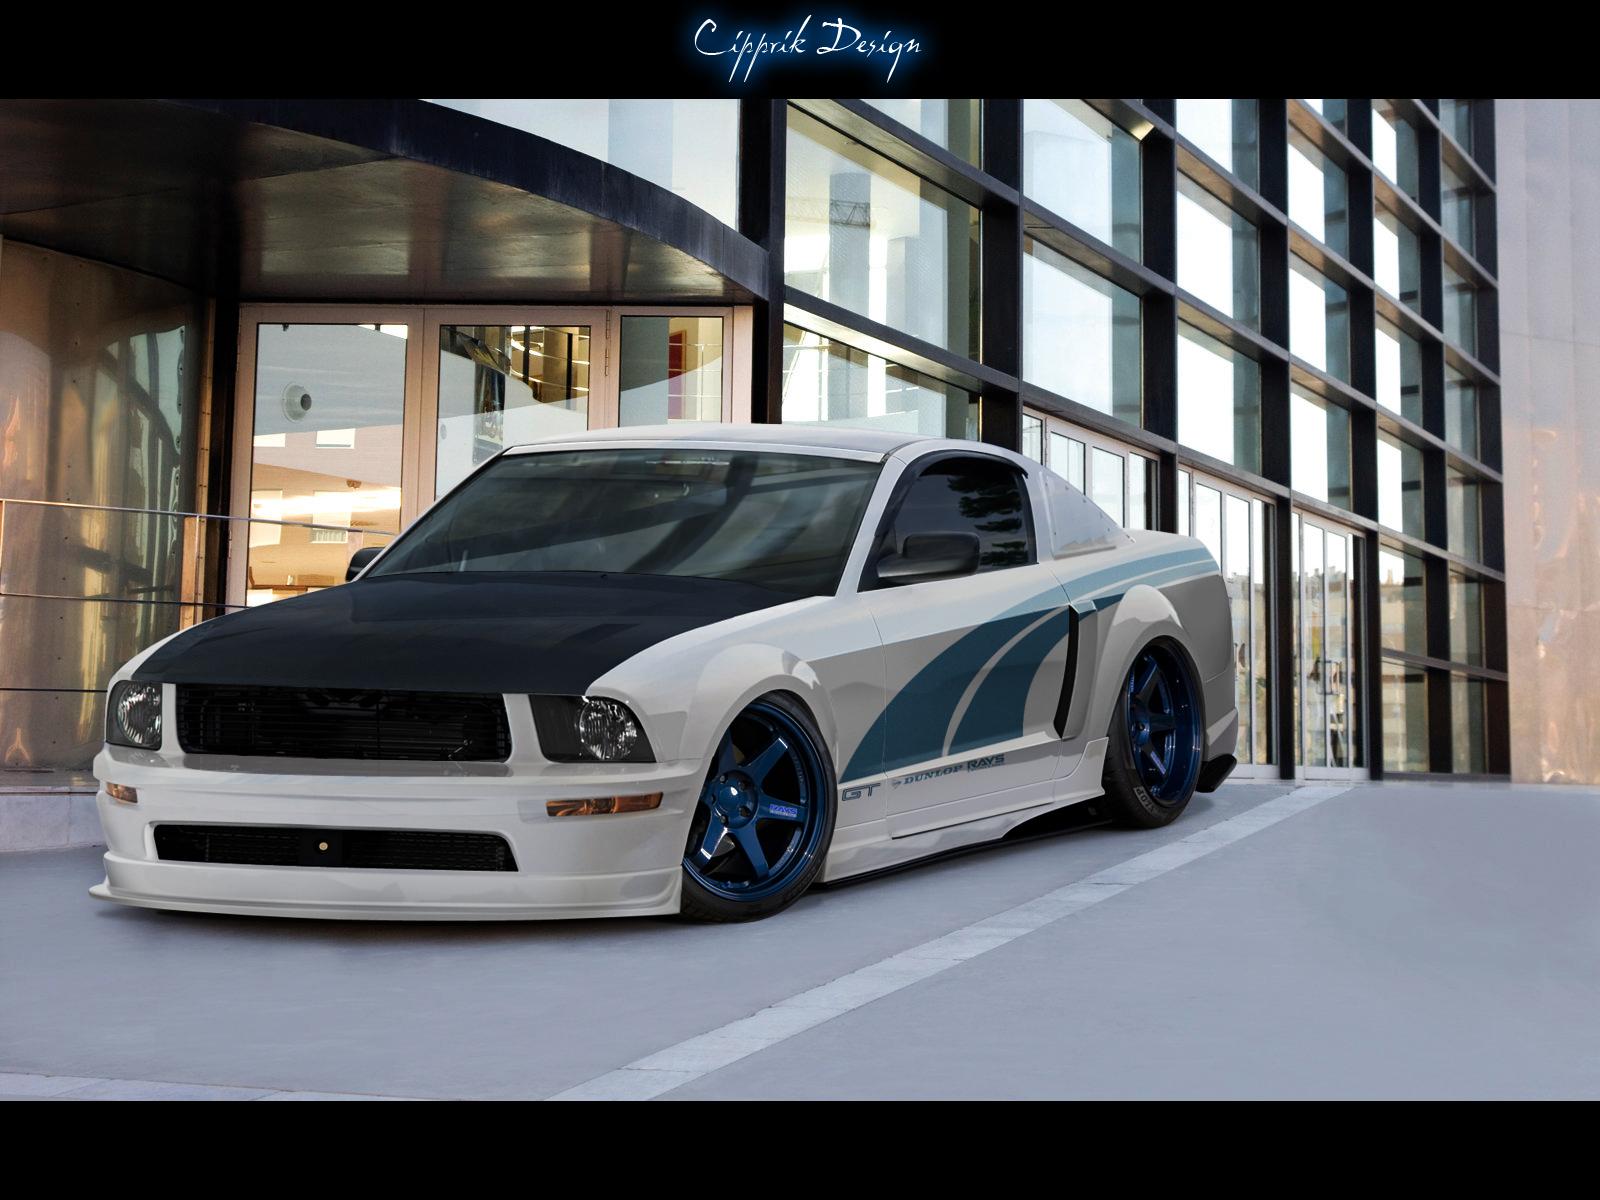 Cipprik S Profile Autemo Com Automotive Design Studio